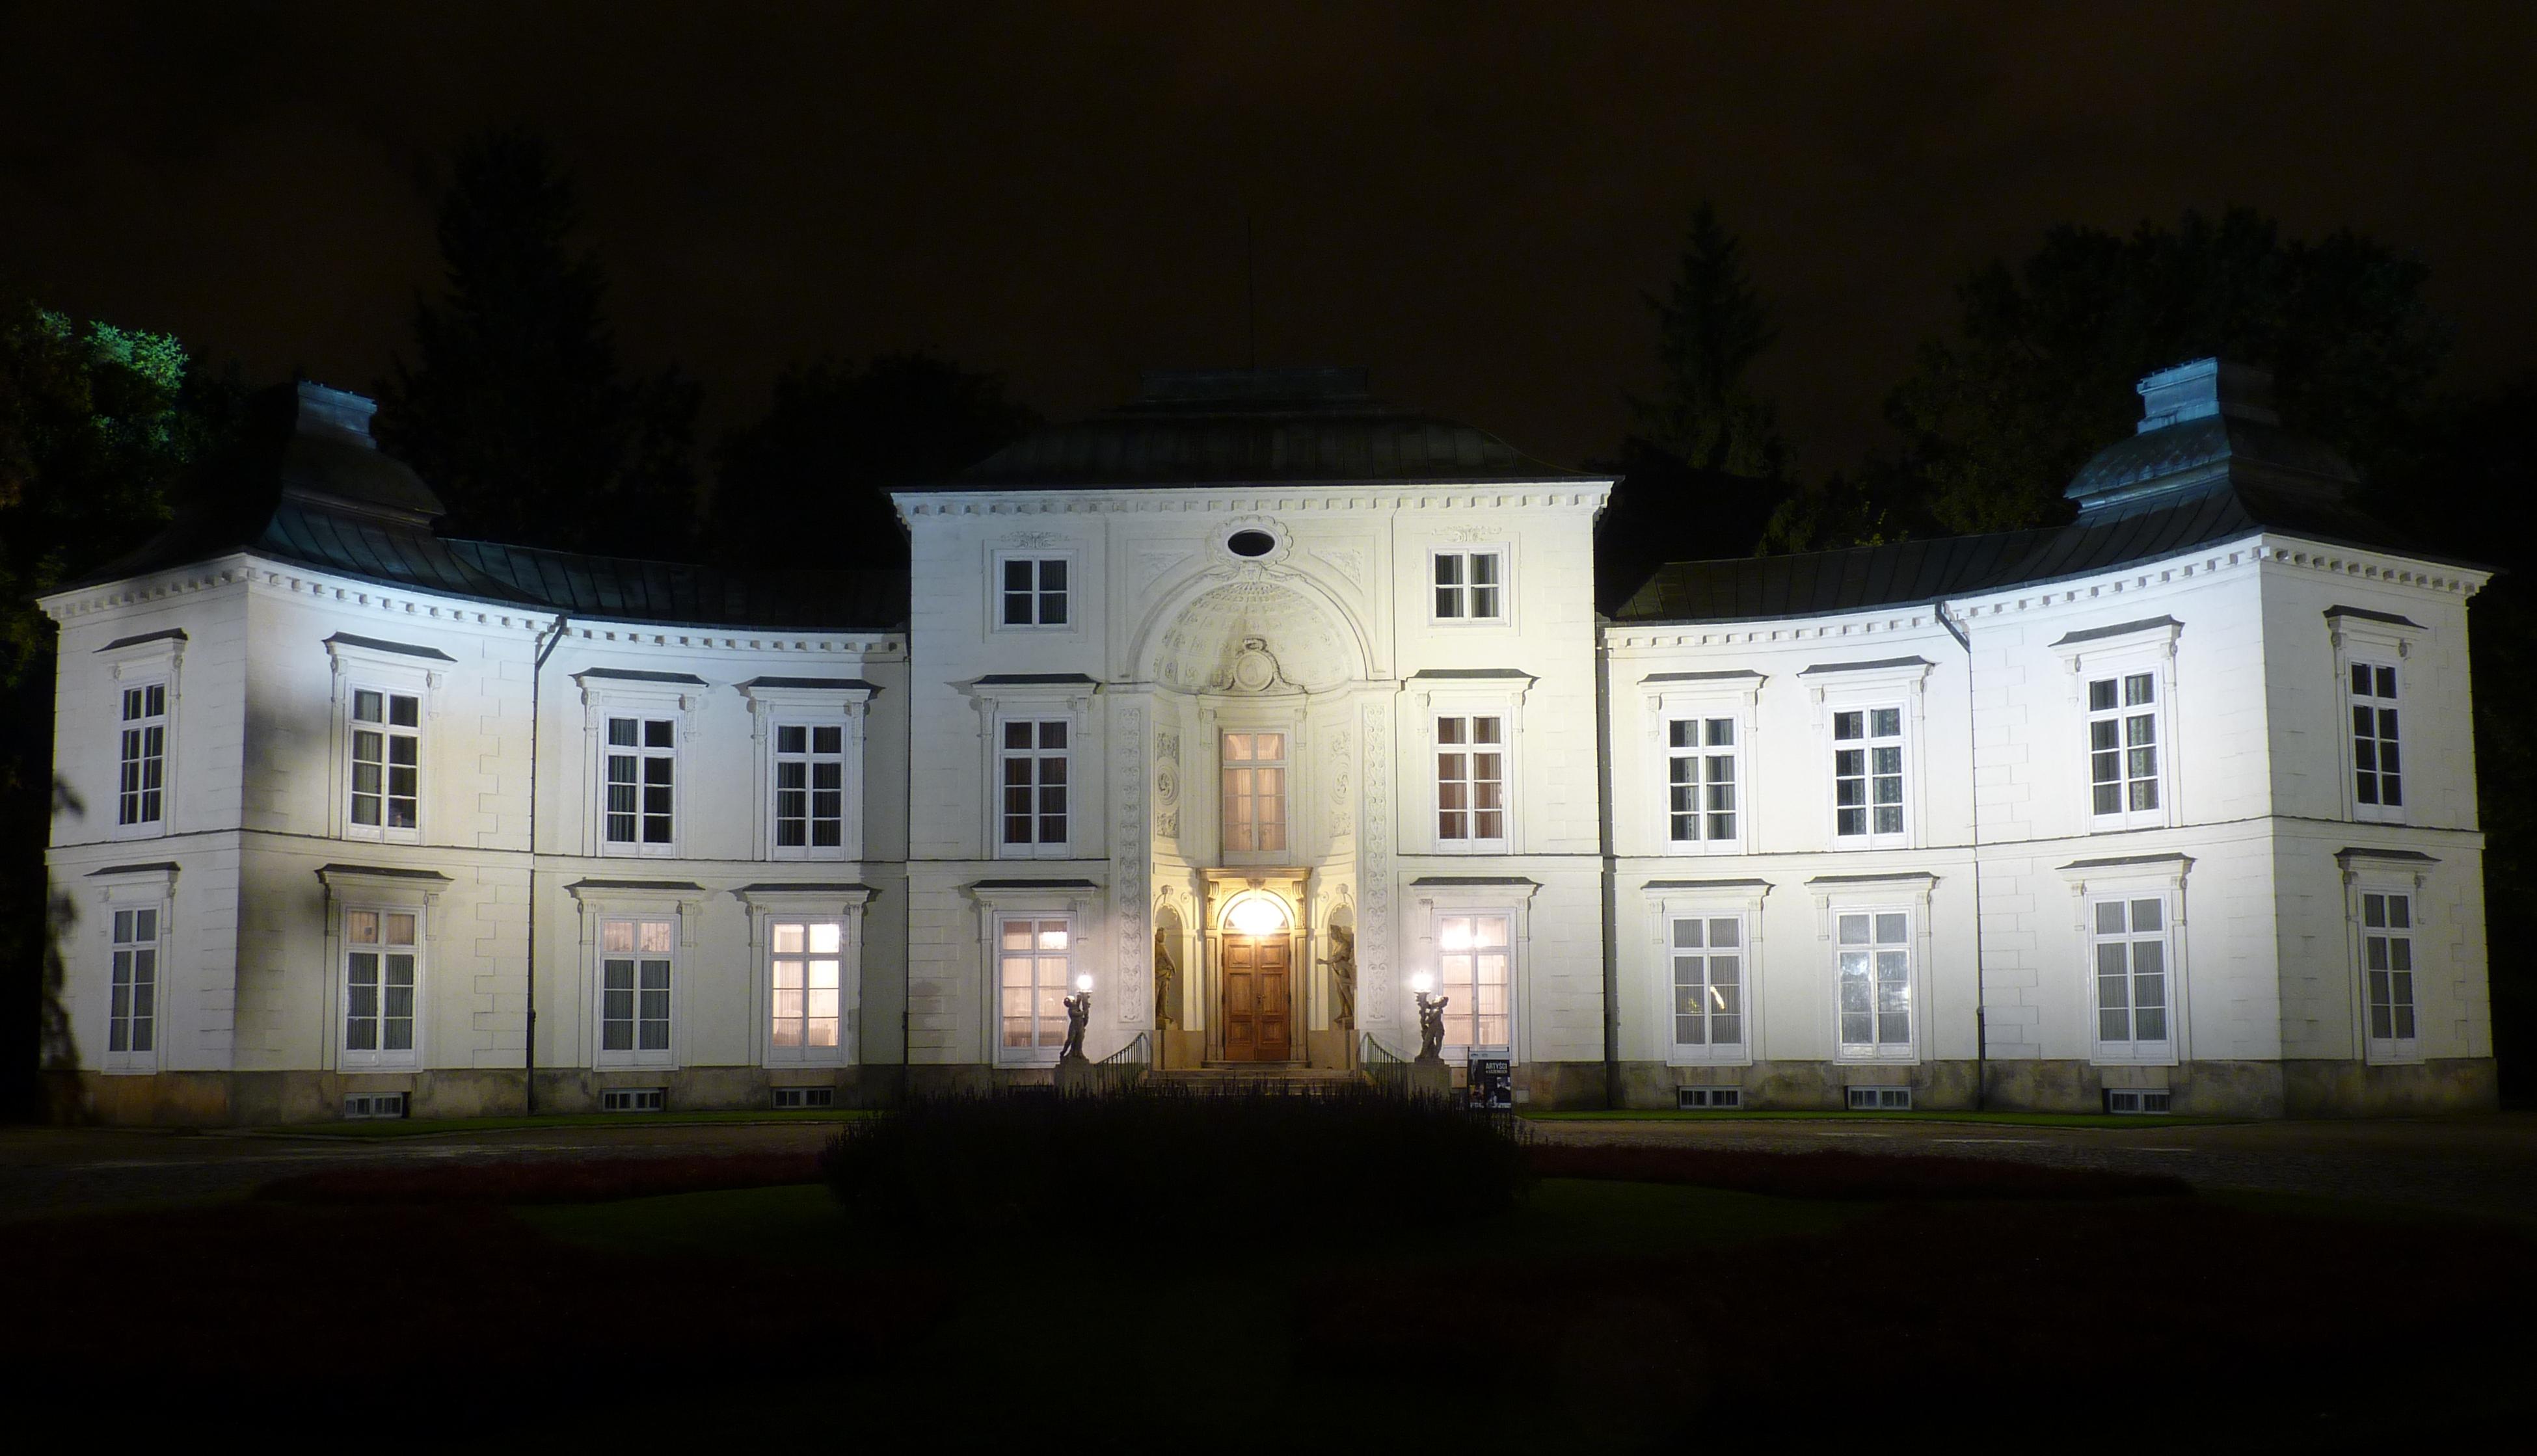 Filełazienki Pałac Myślewicki W Nocyjpg Wikimedia Commons